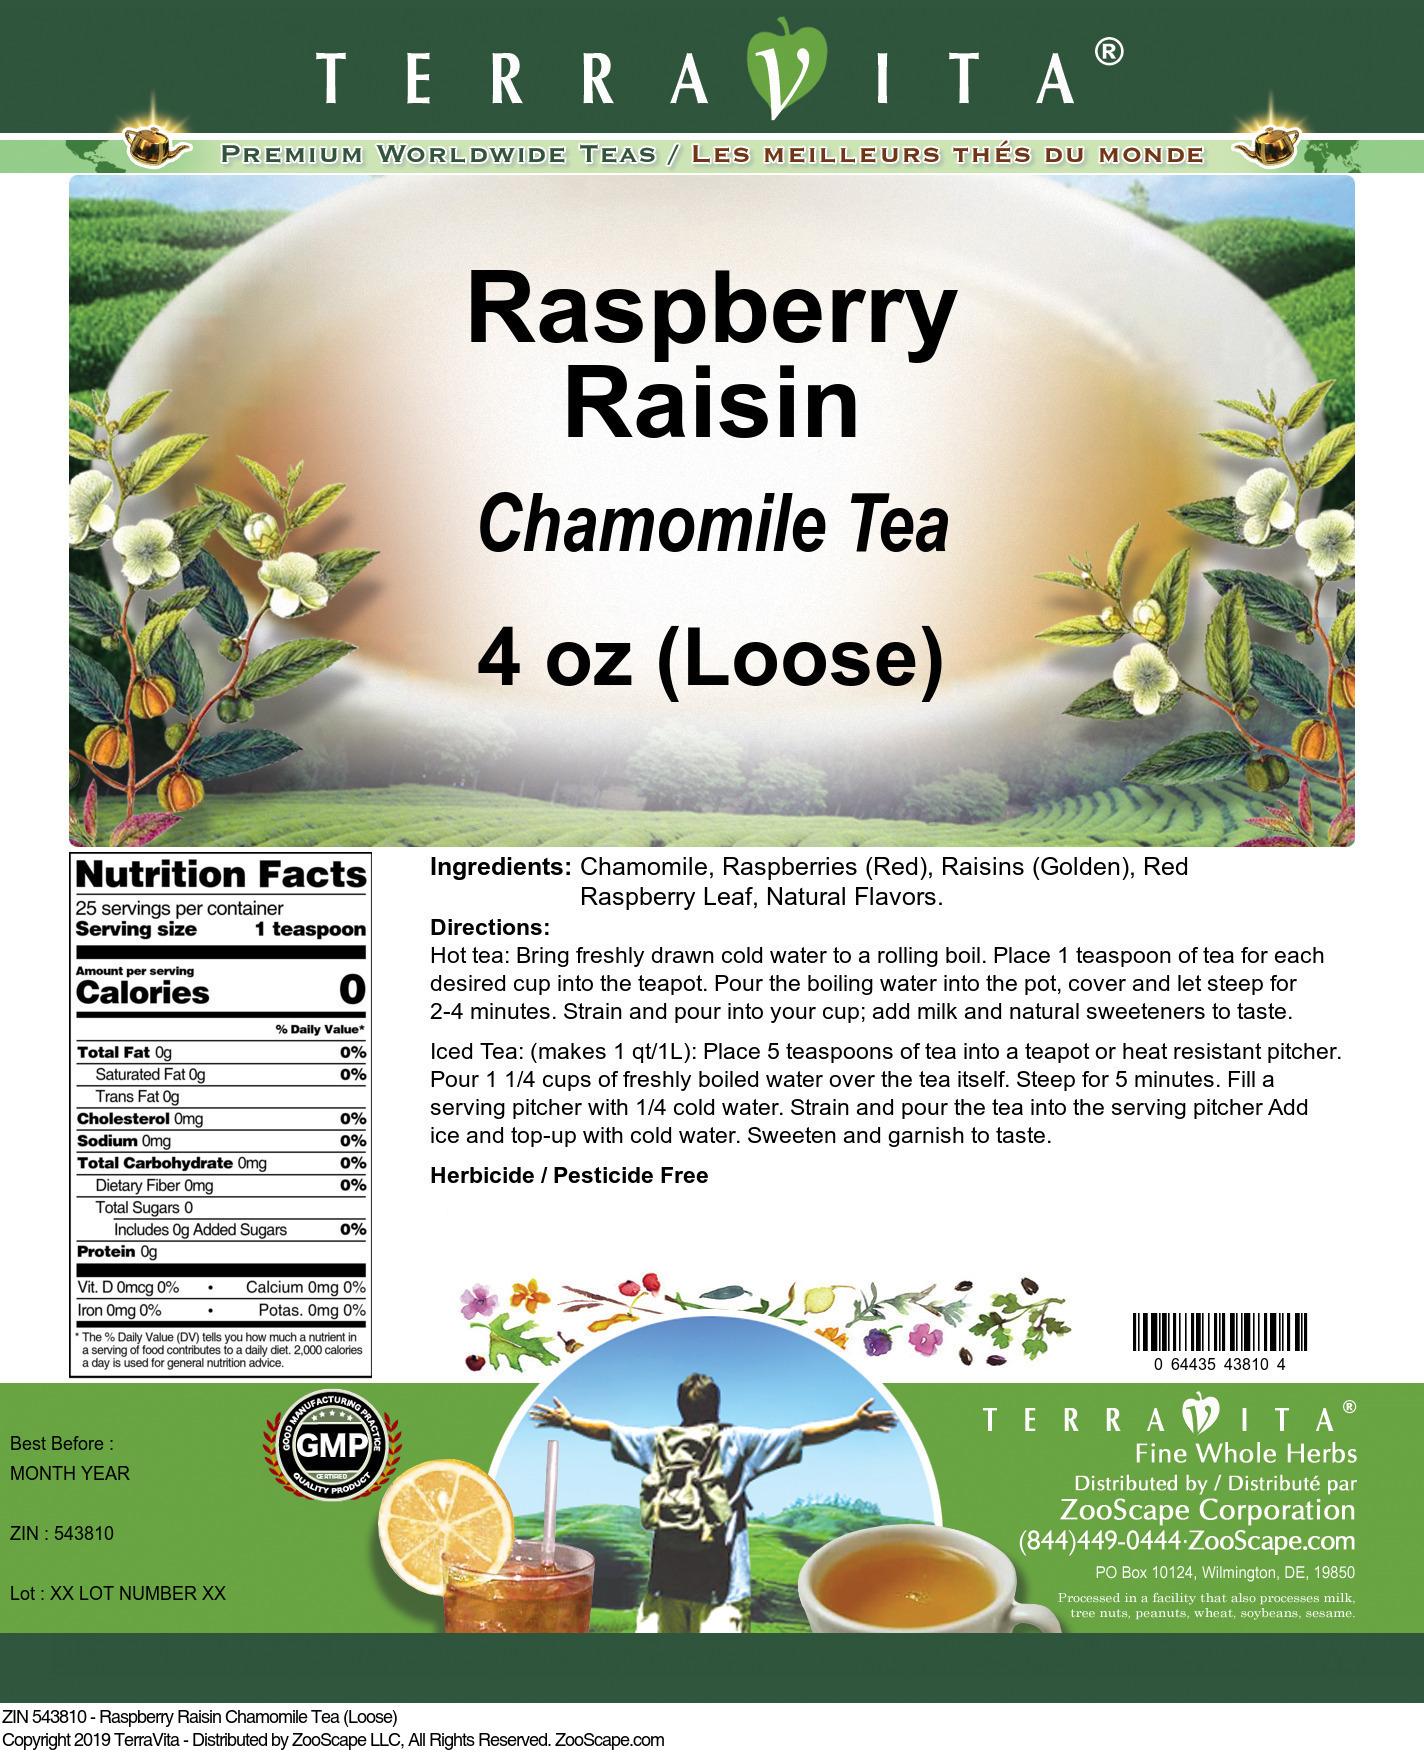 Raspberry Raisin Chamomile Tea (Loose)